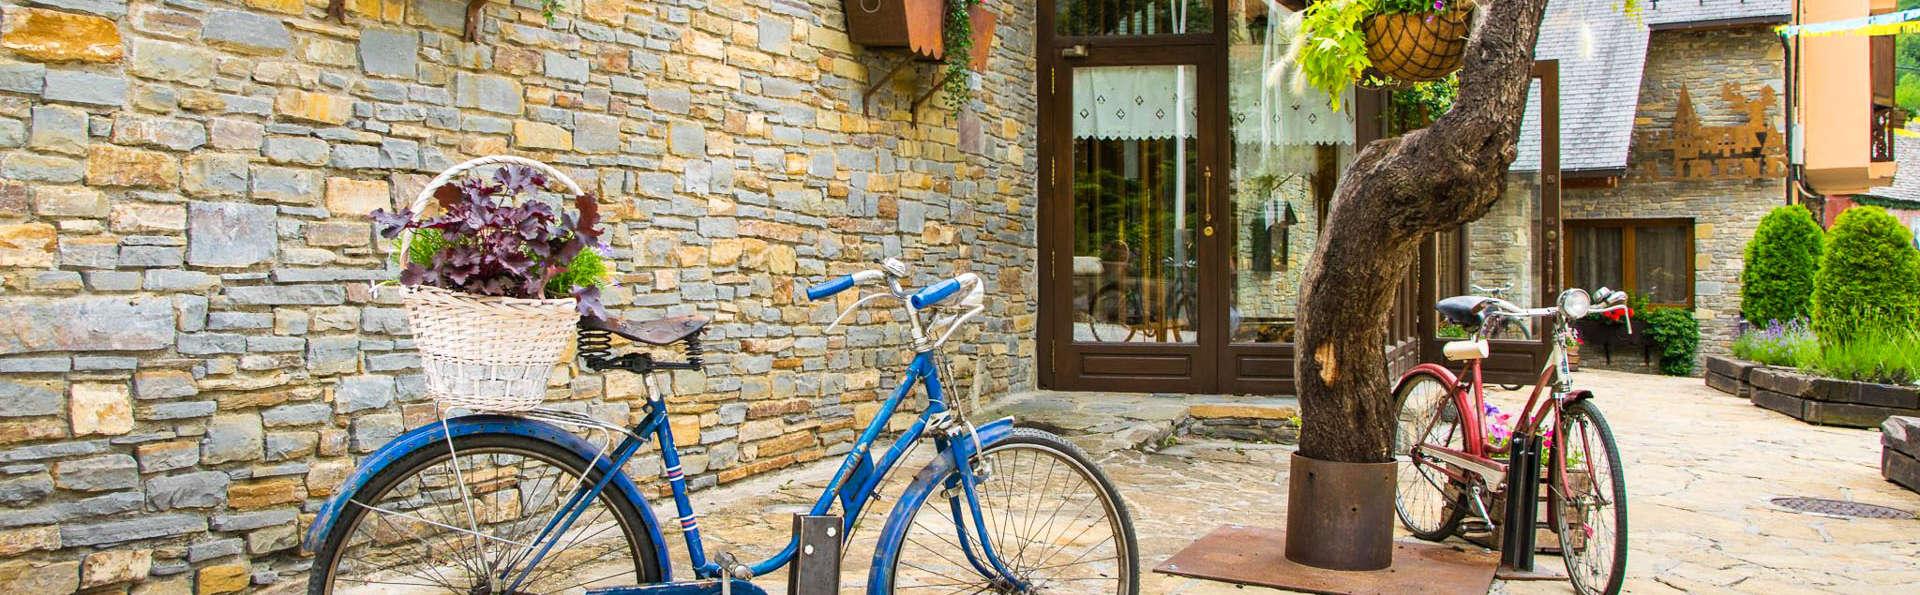 Hotel Casa Irene - EDIT_NEW_EXTERIOR-12.jpg